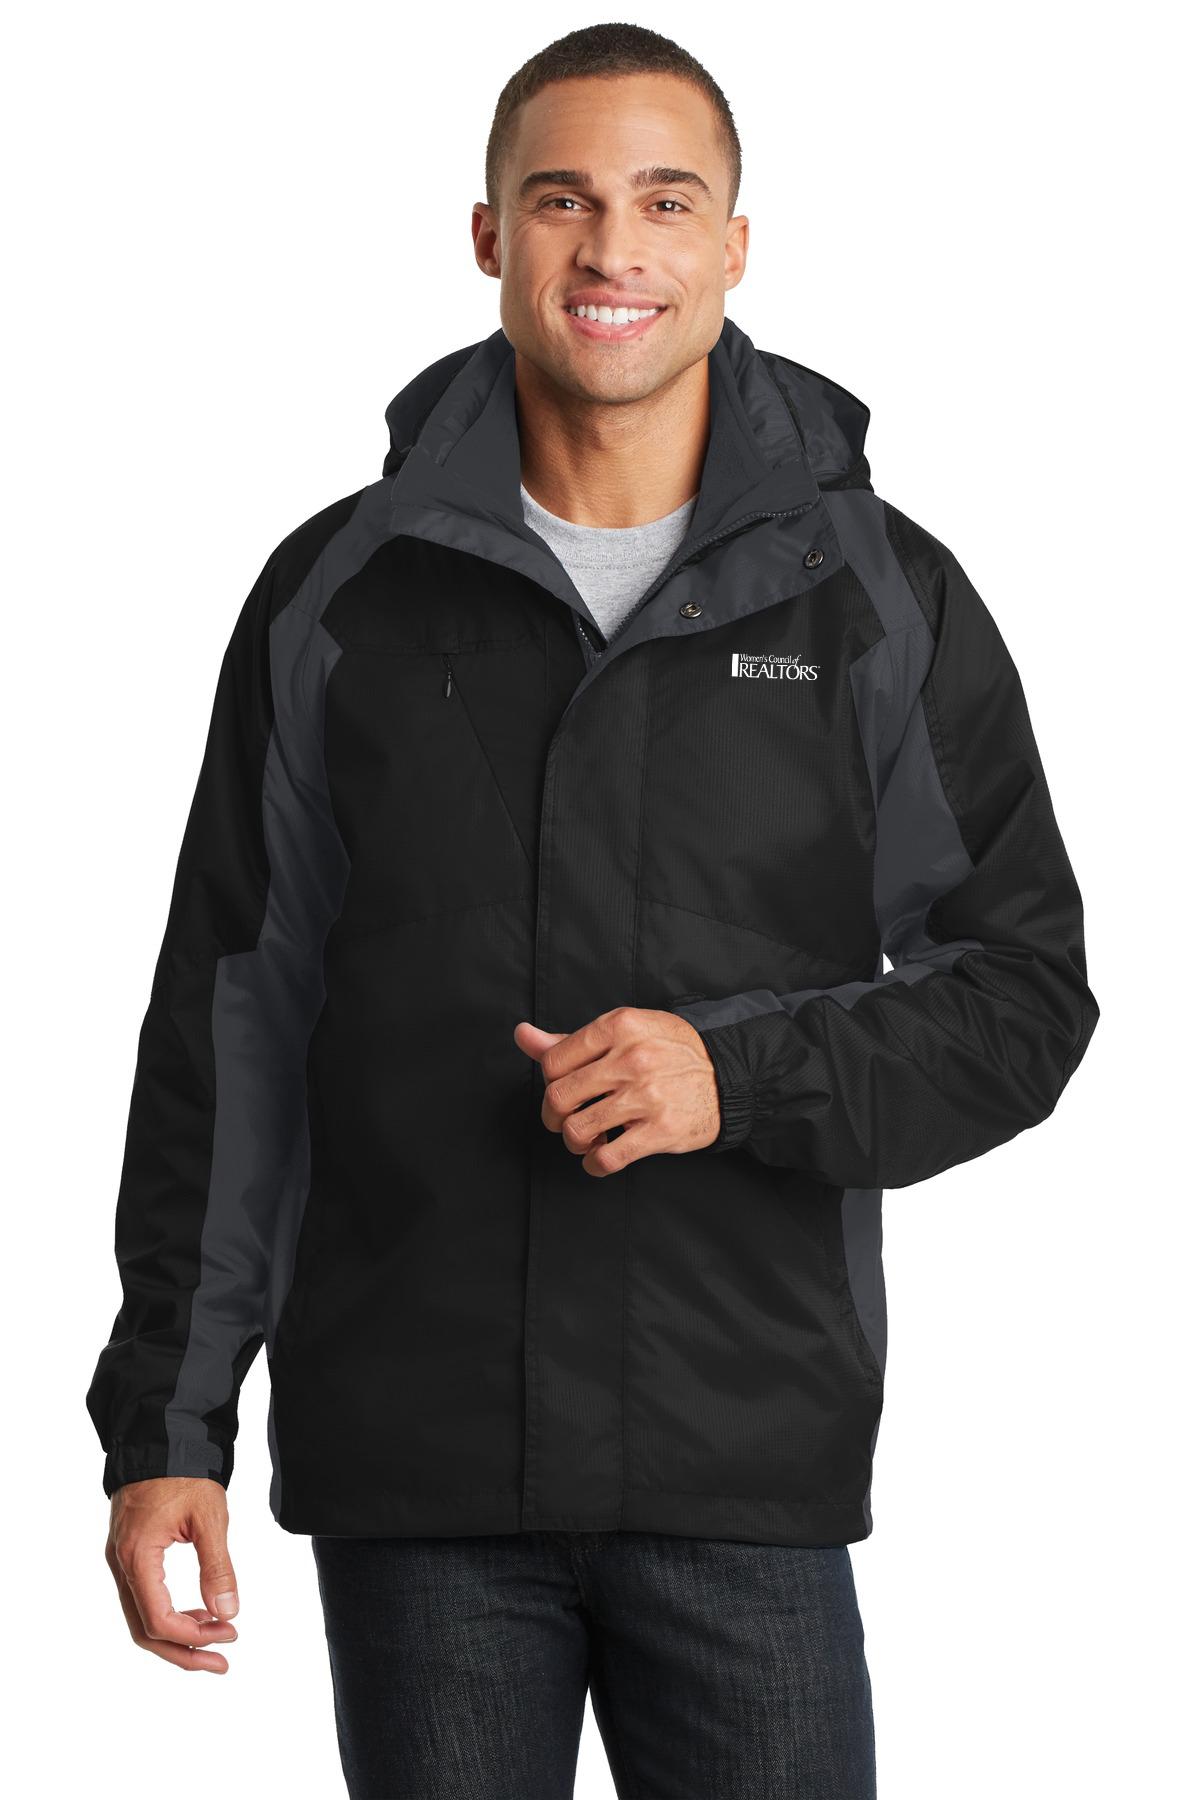 Ranger 3-in-1 Jacket Outerwear,Jackets